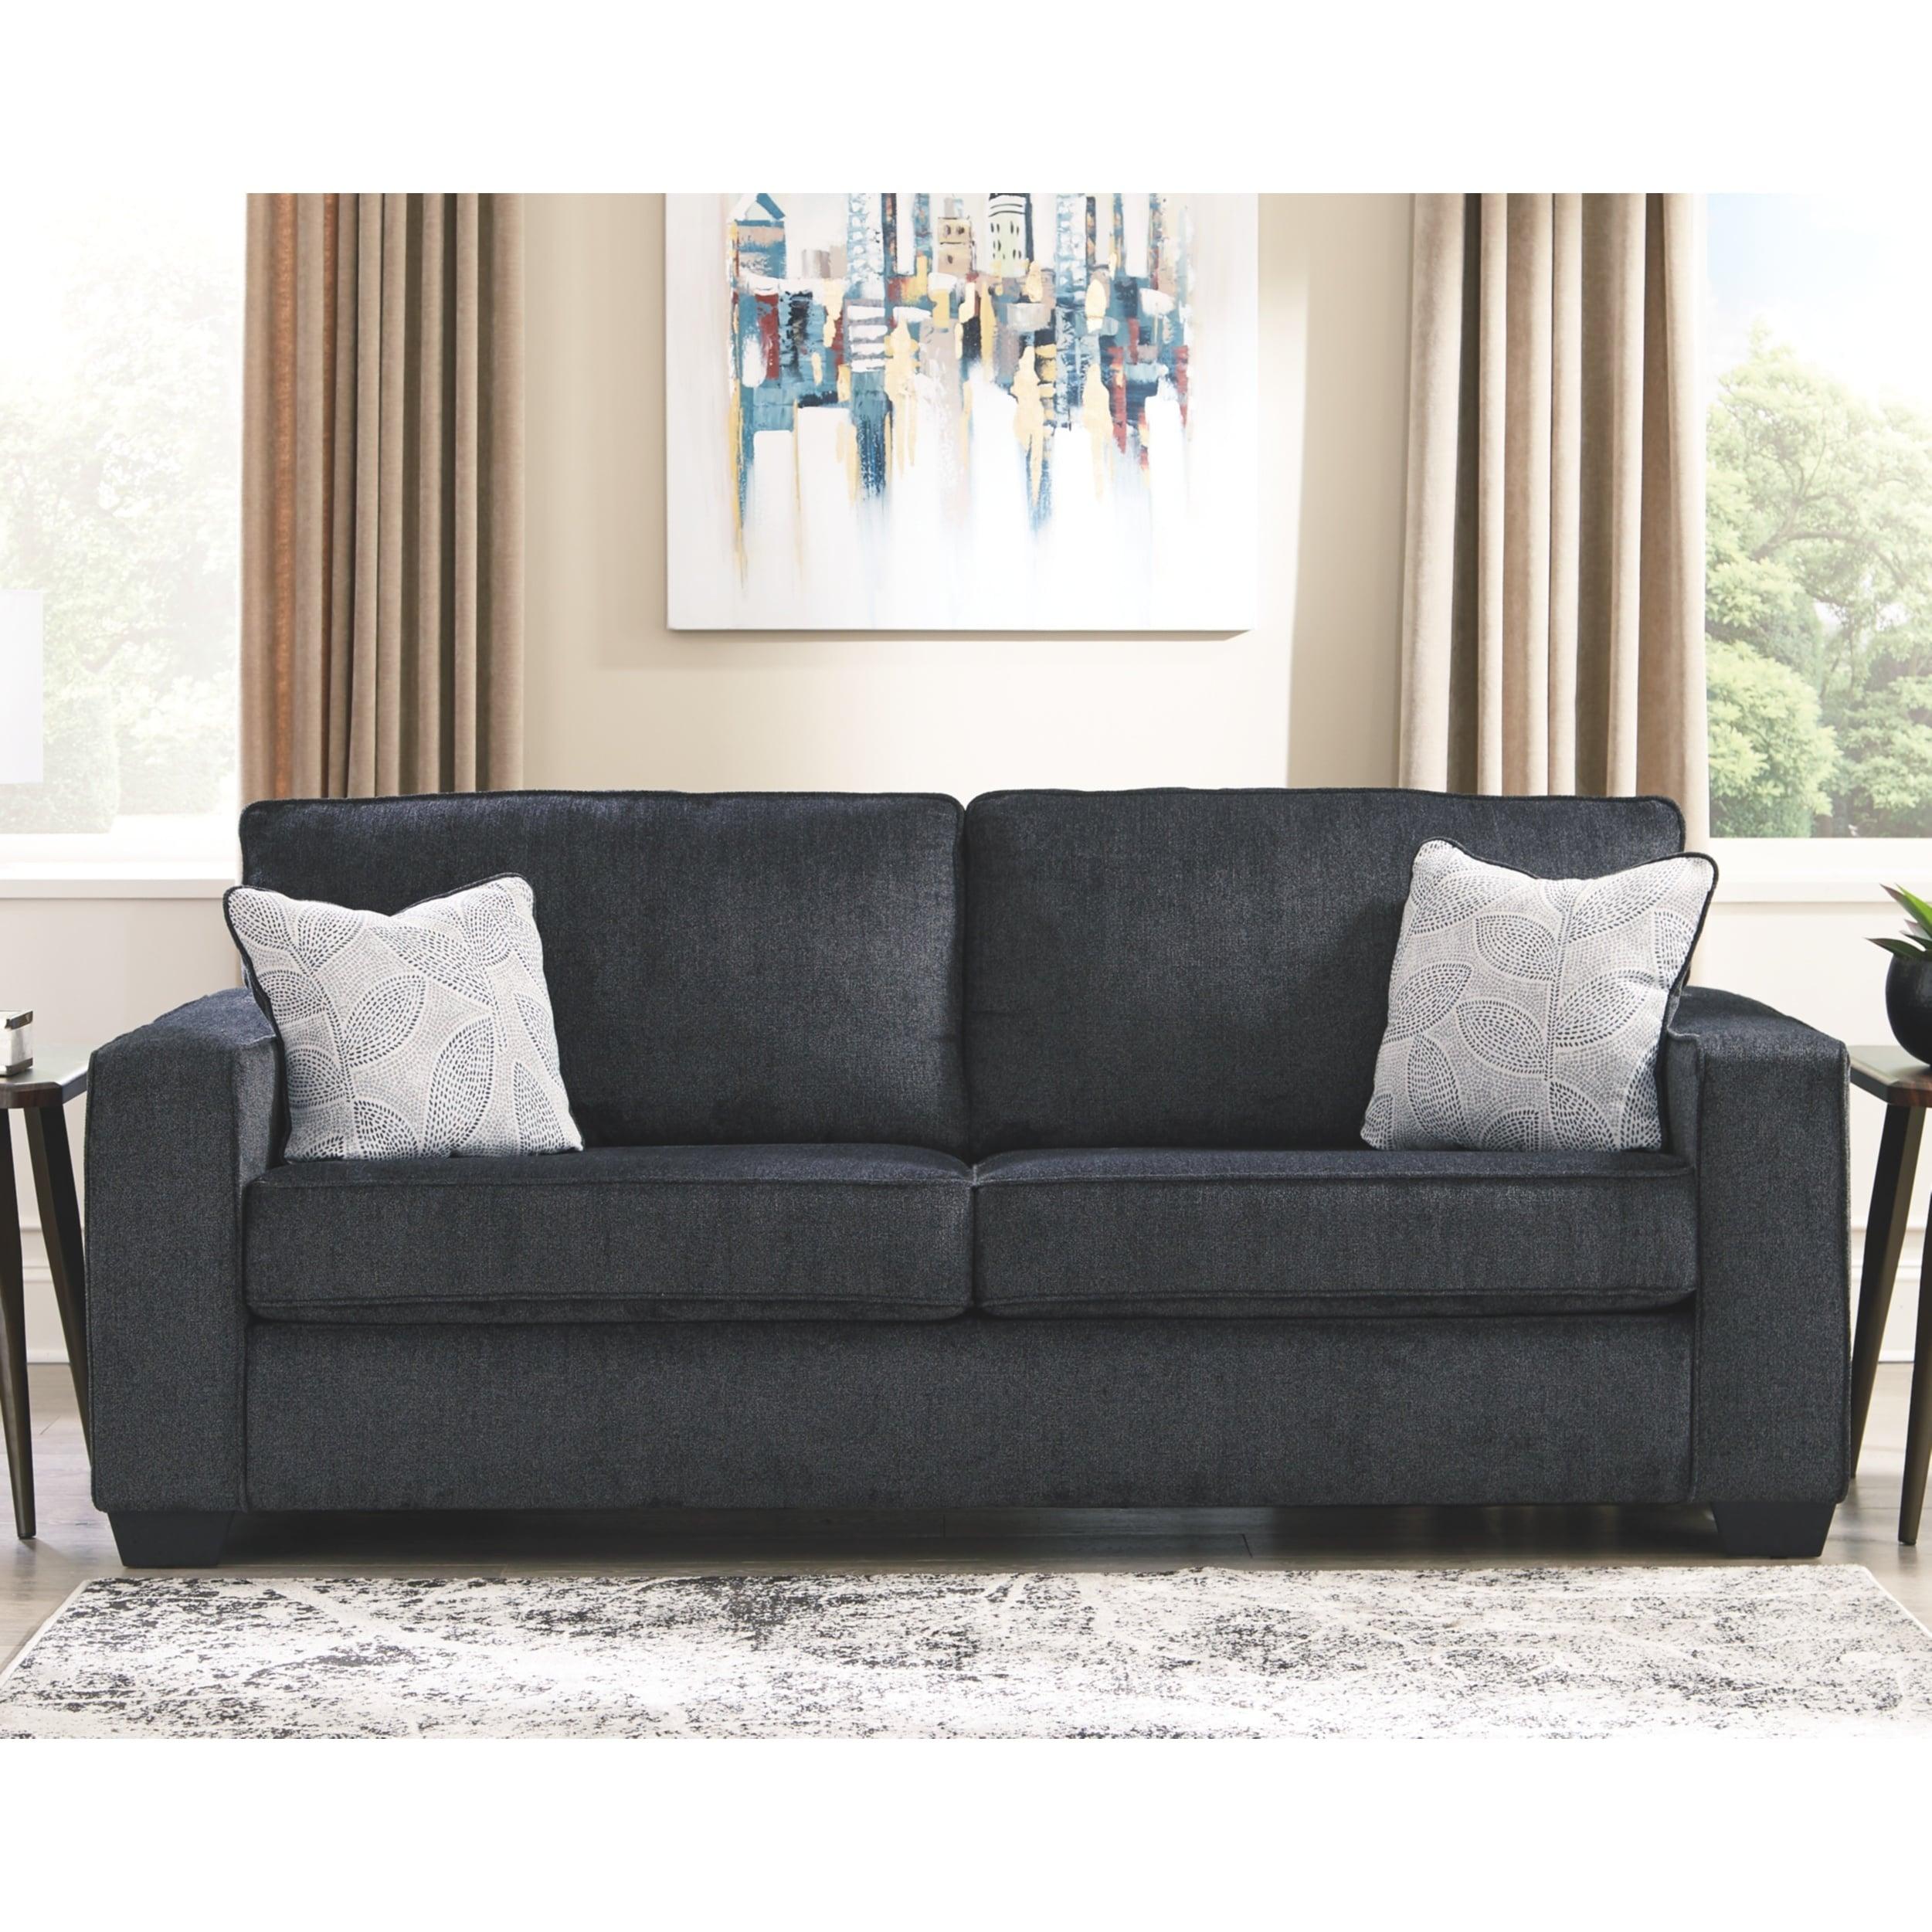 Signature Design by Ashley Altari Slate Grey Plush Chenille Sofa